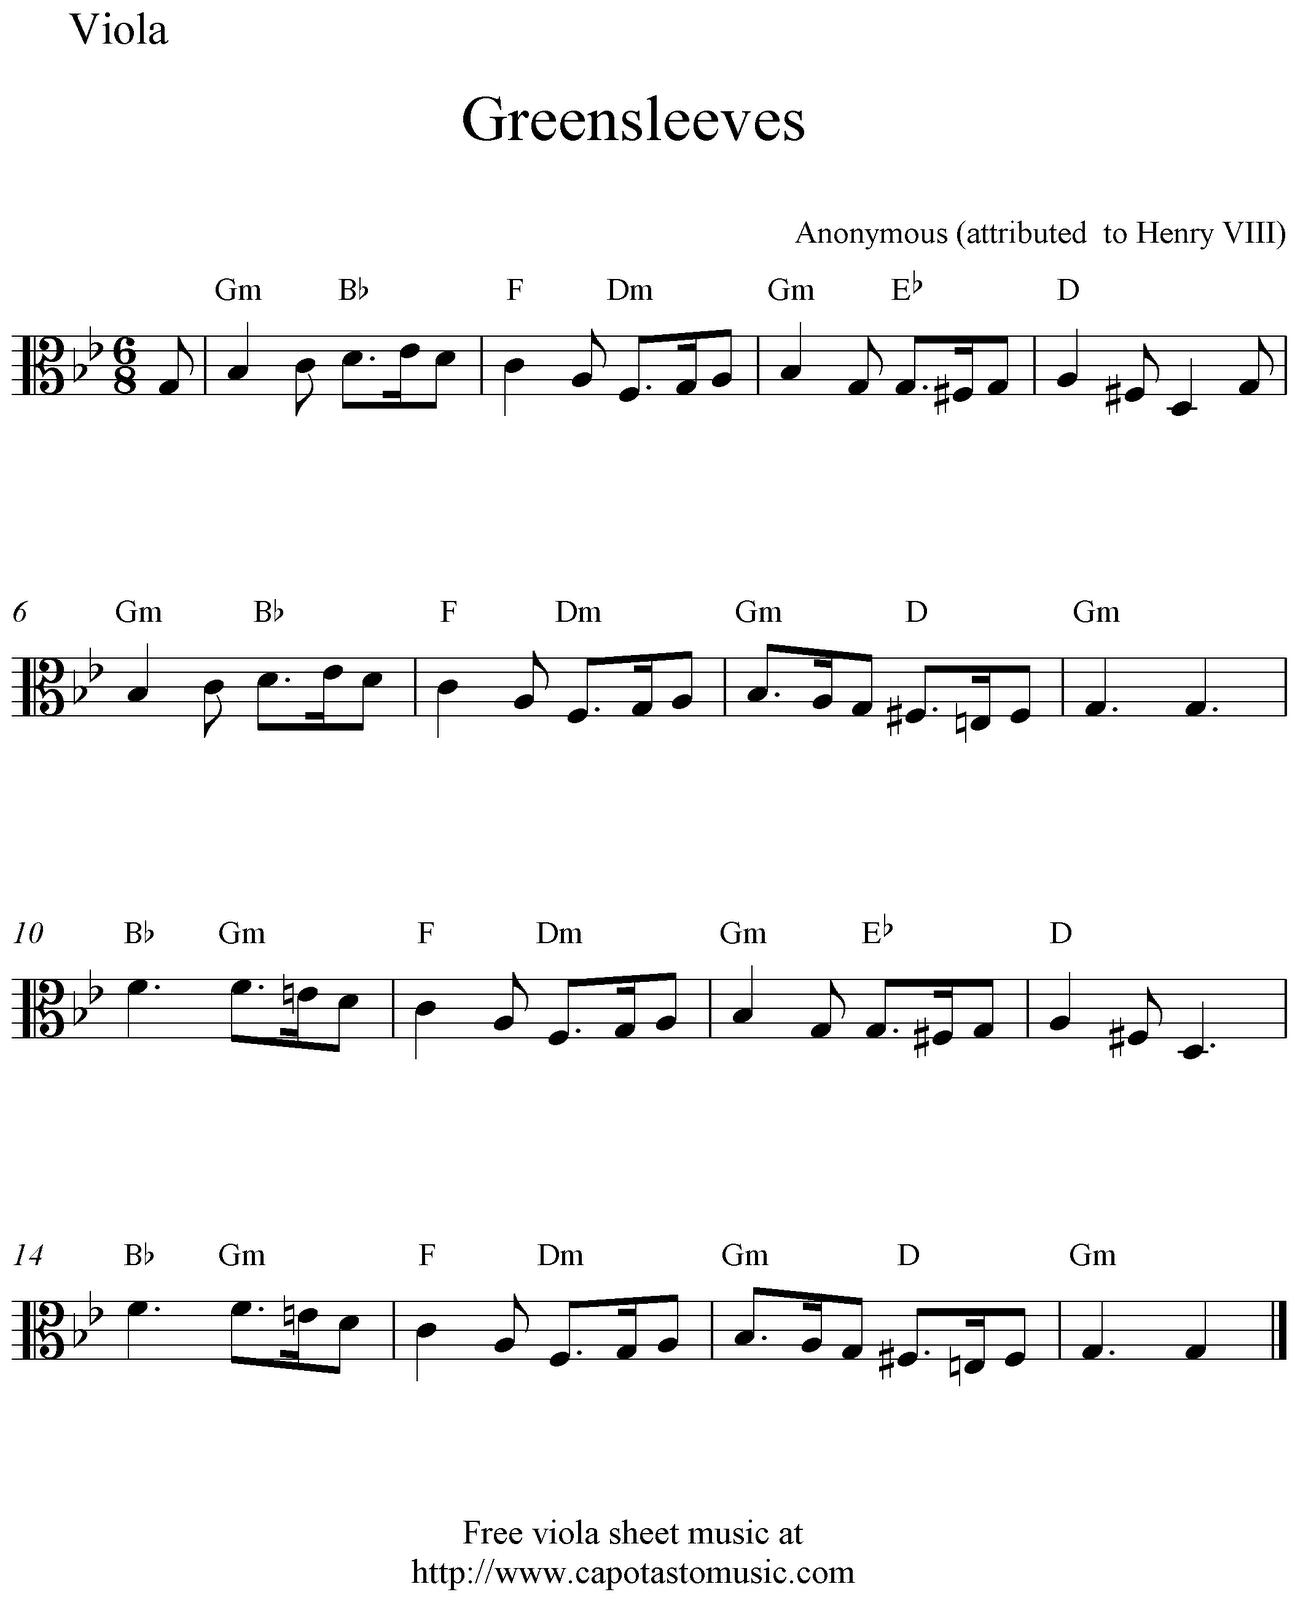 Free viola sheet music, Greensleeves